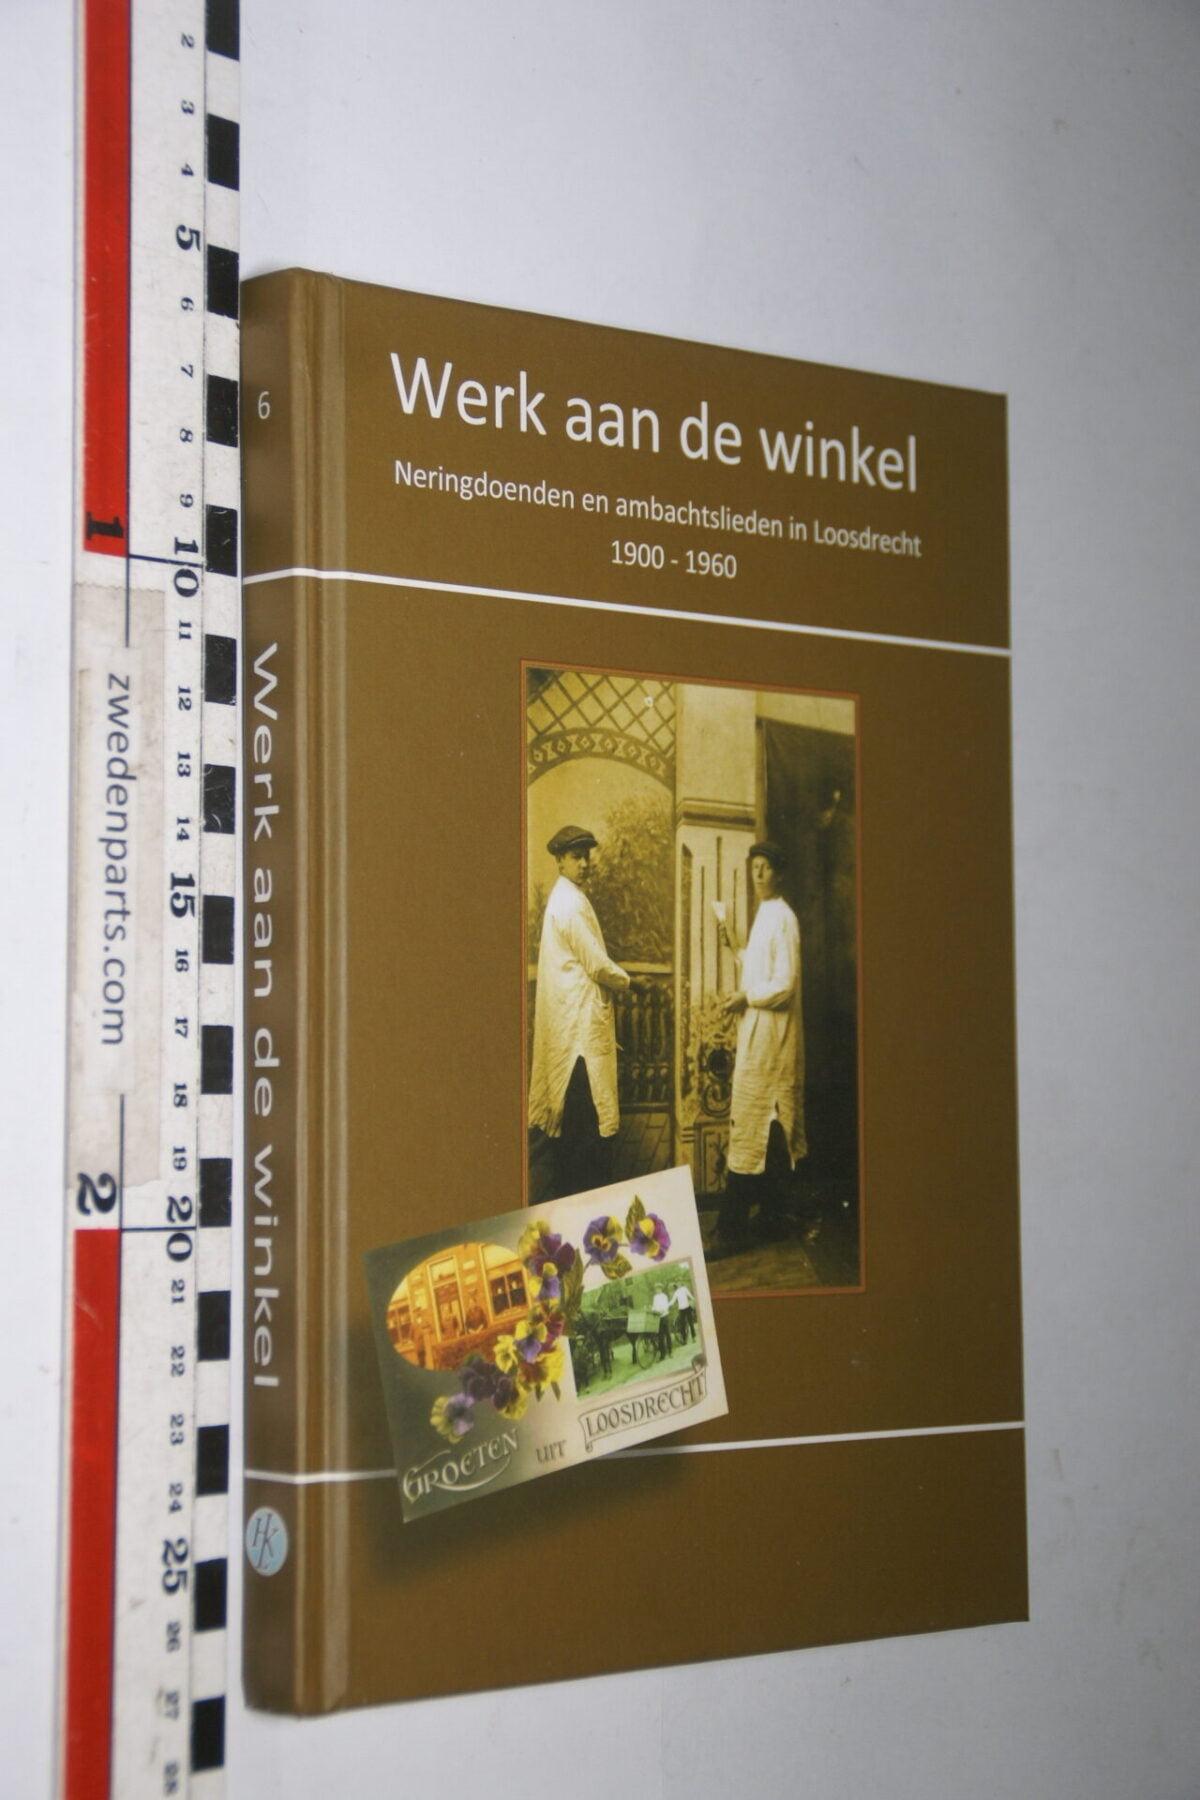 DSC06729 boek Loosdrecht werk aan de winkel ISBN 978-90-803846-8-2-3ca55f06